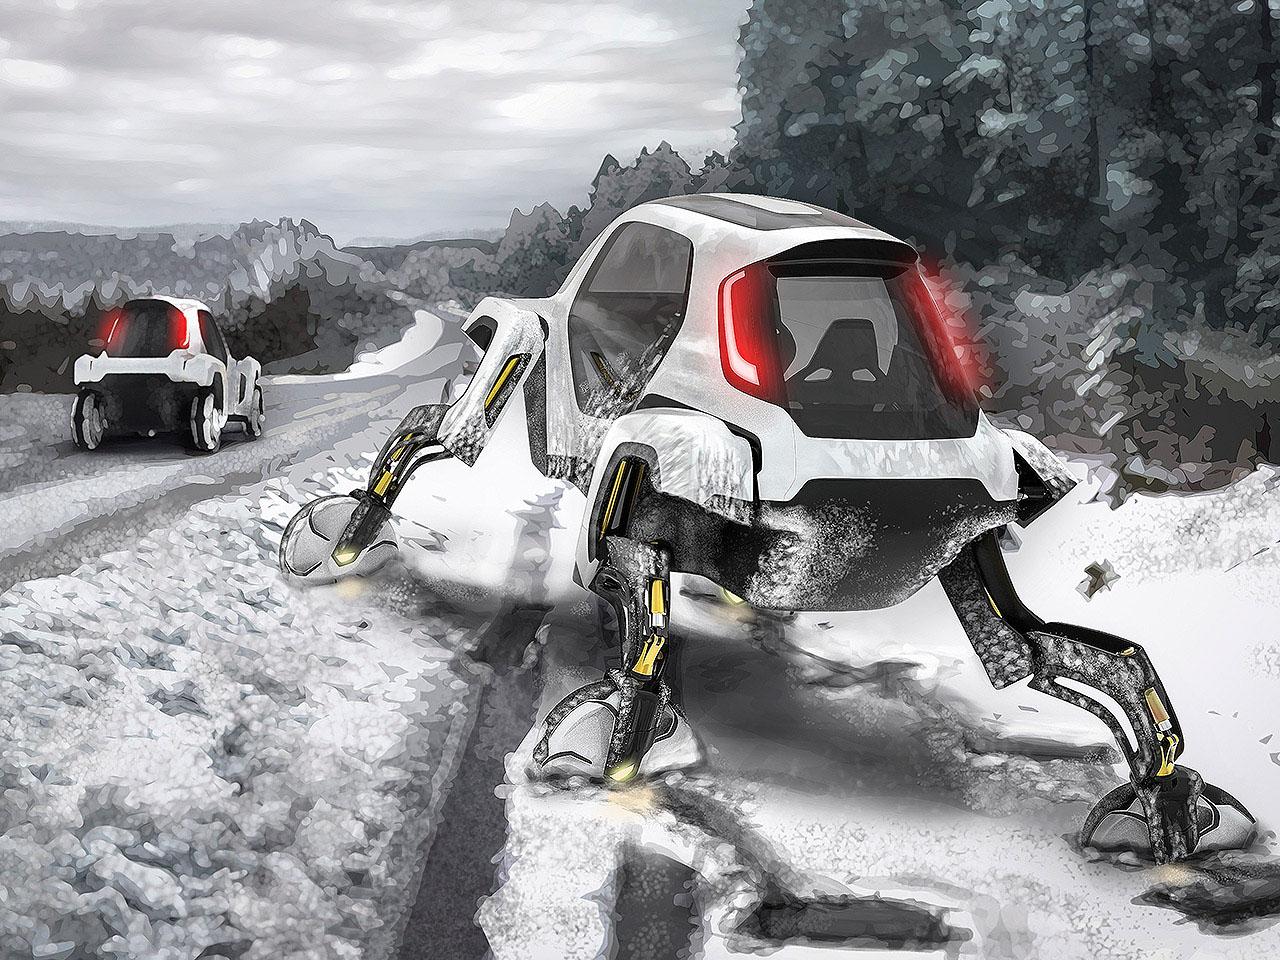 hyundai elevate na neve: veículo é semelhante ao Walker, de Star Wars